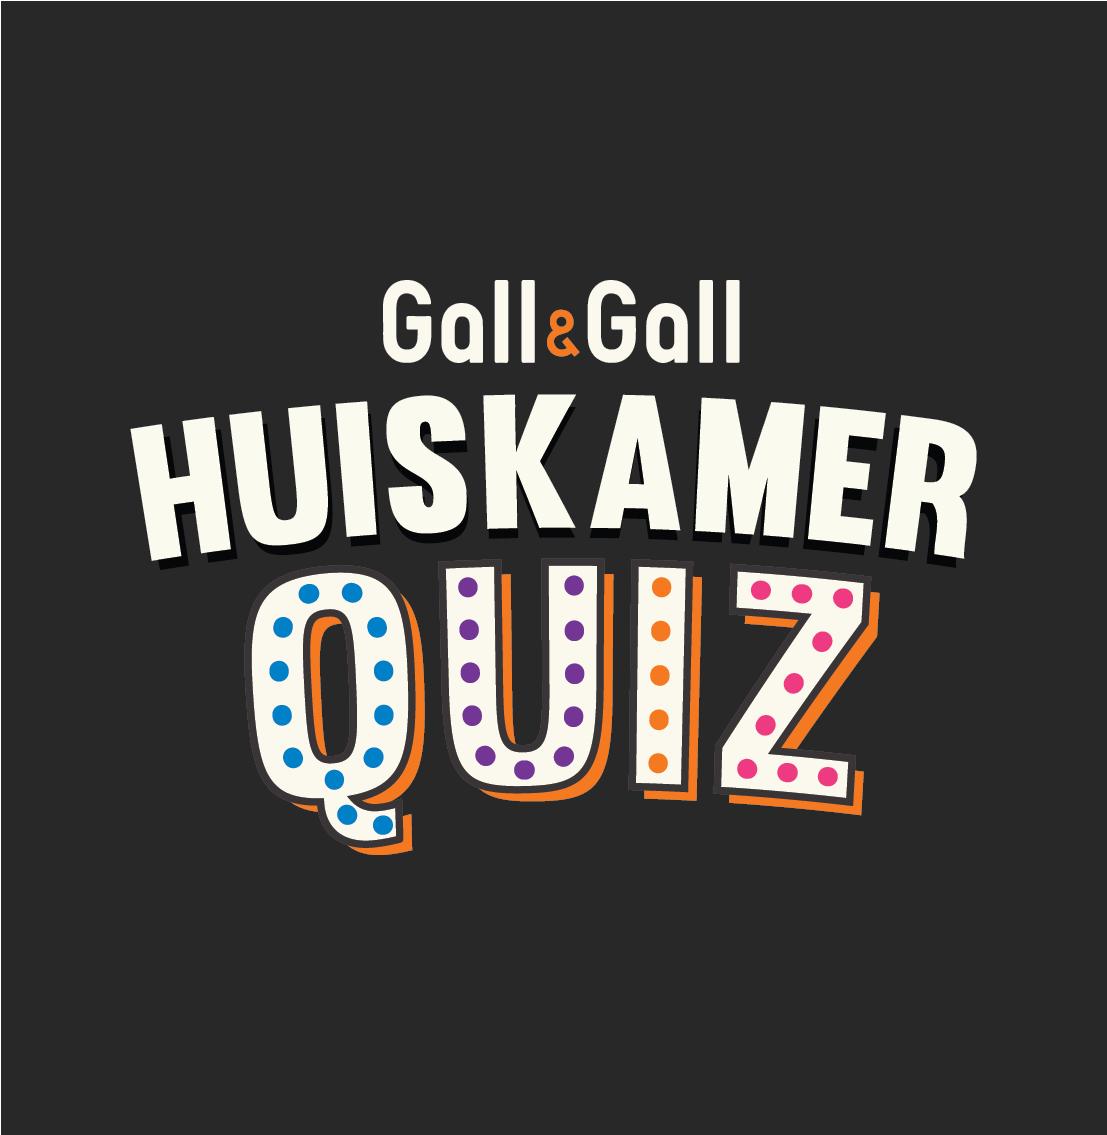 GallGall_huiskamerquiz-Logo-bord_38x39cm_DEF-01